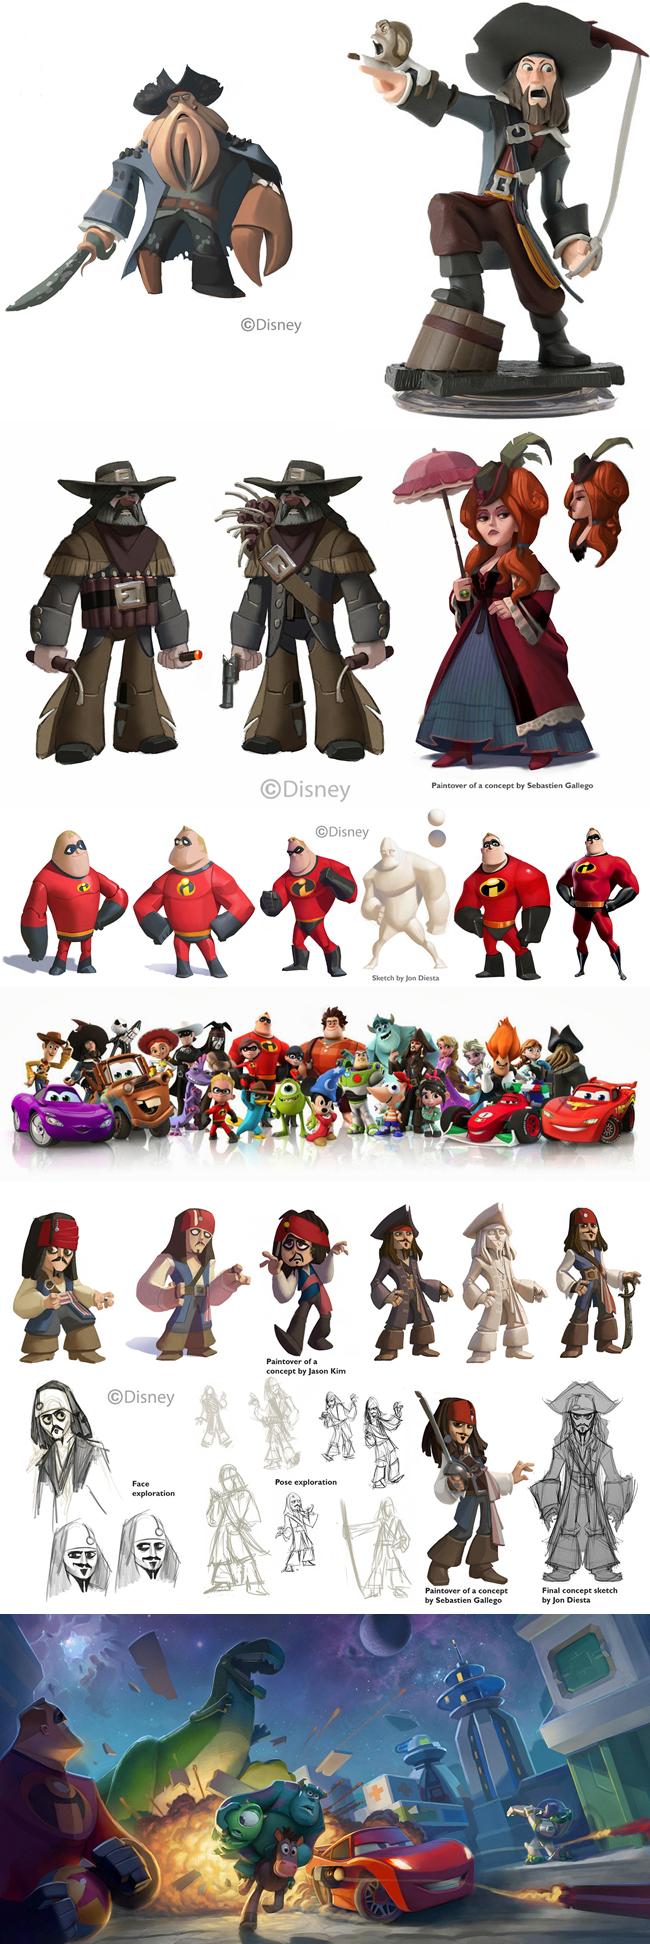 pastilla-disney-videojuegos-pixar-avalanche-academiac10-arte-digital